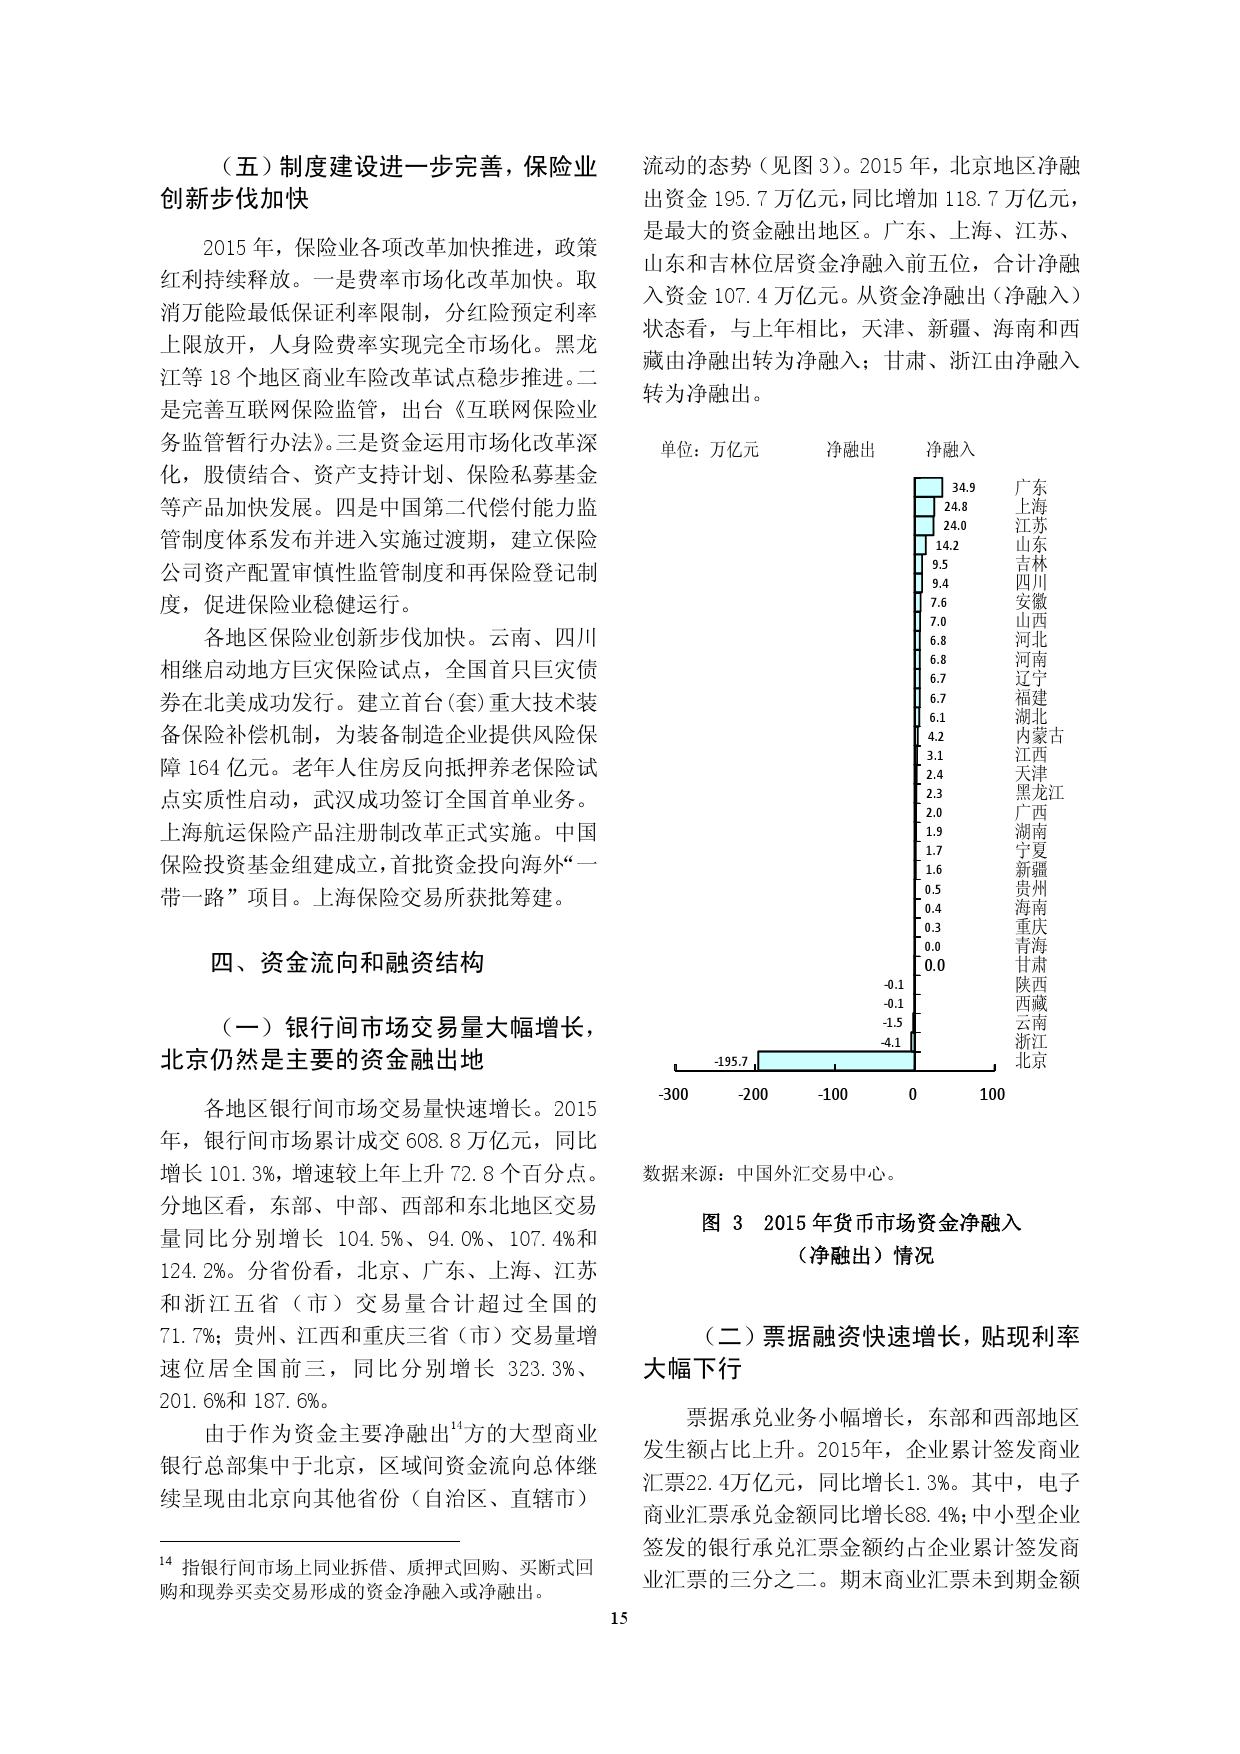 2015年中国区域金融运行报告_000018